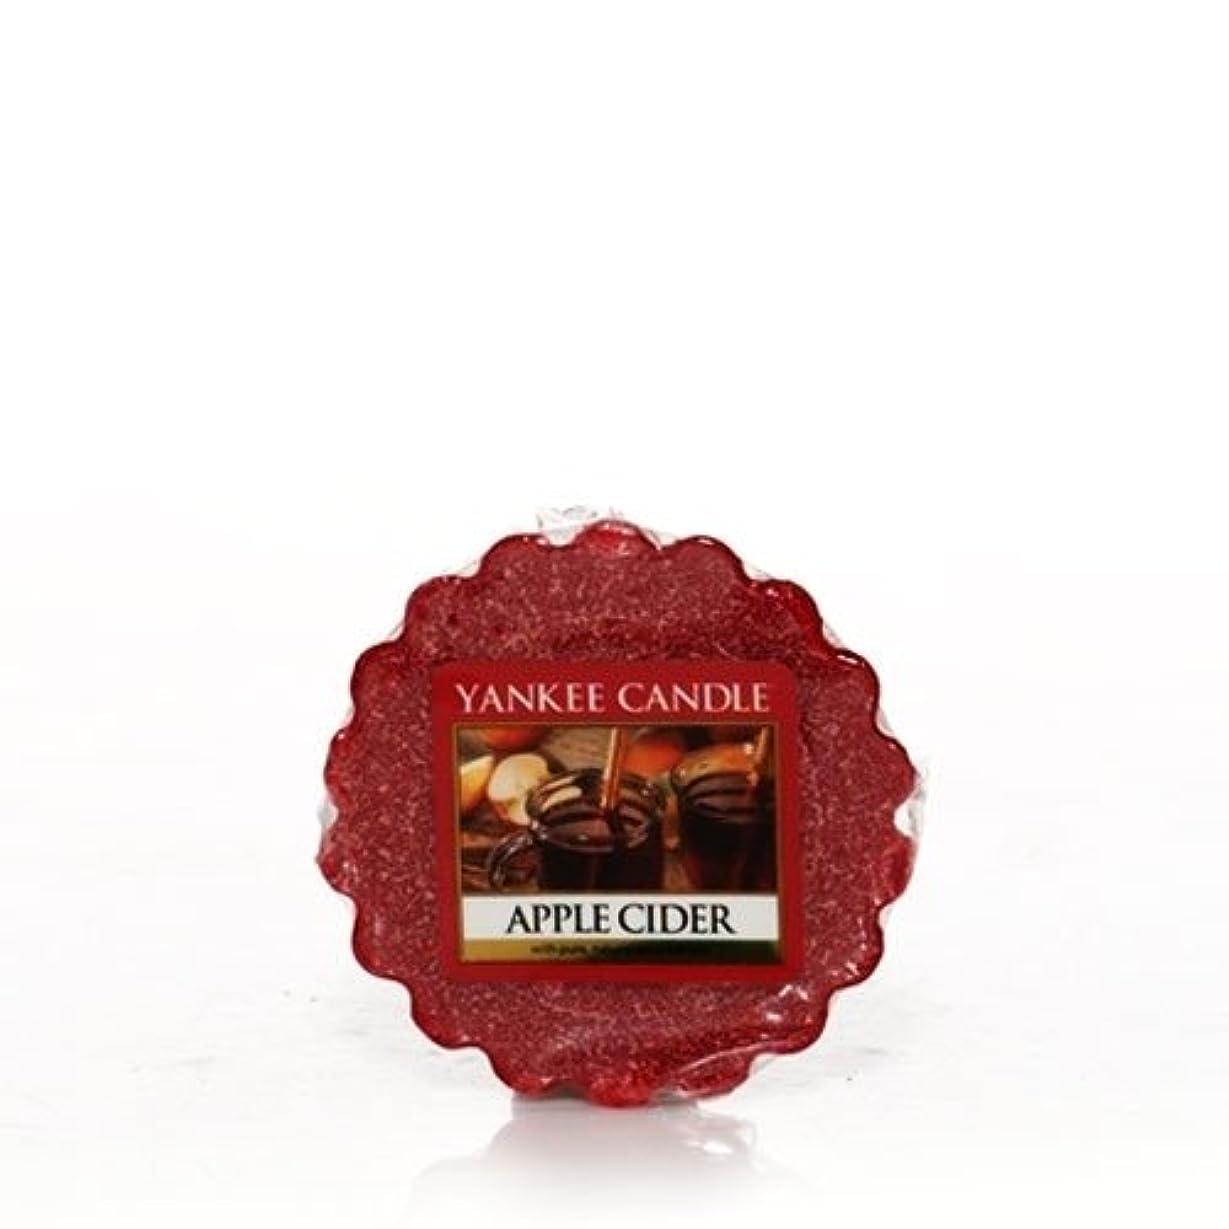 無声で閃光ミサイルYankee Candle Apple Cider, Food & Spice香り Tarts wax melts 1187886-YC